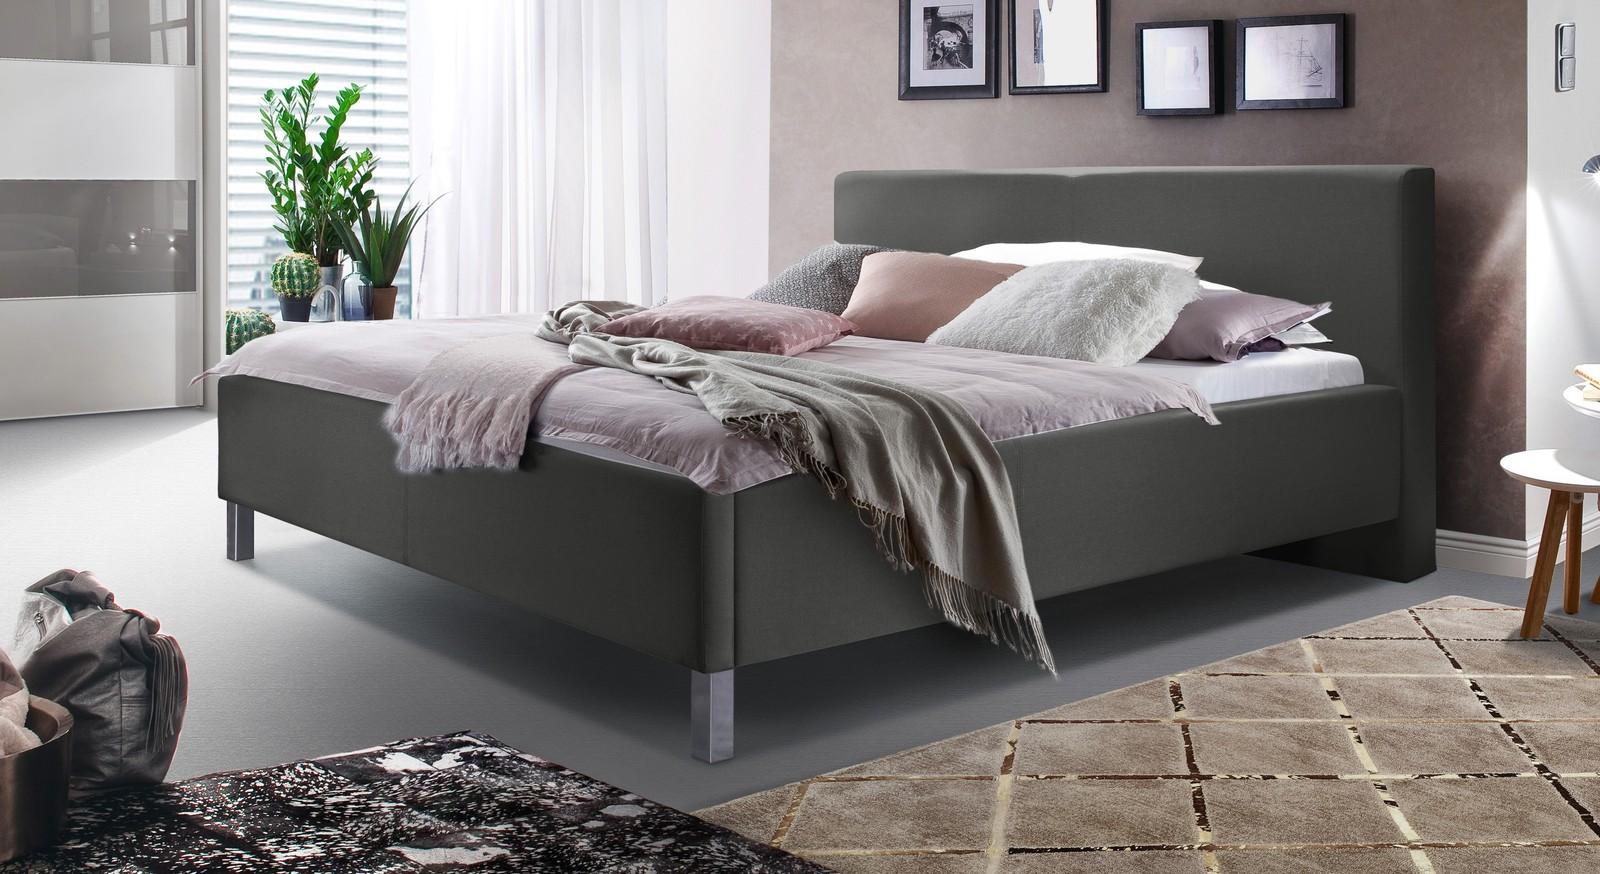 Modernes Bett Tranquilo mit hohen Füßen